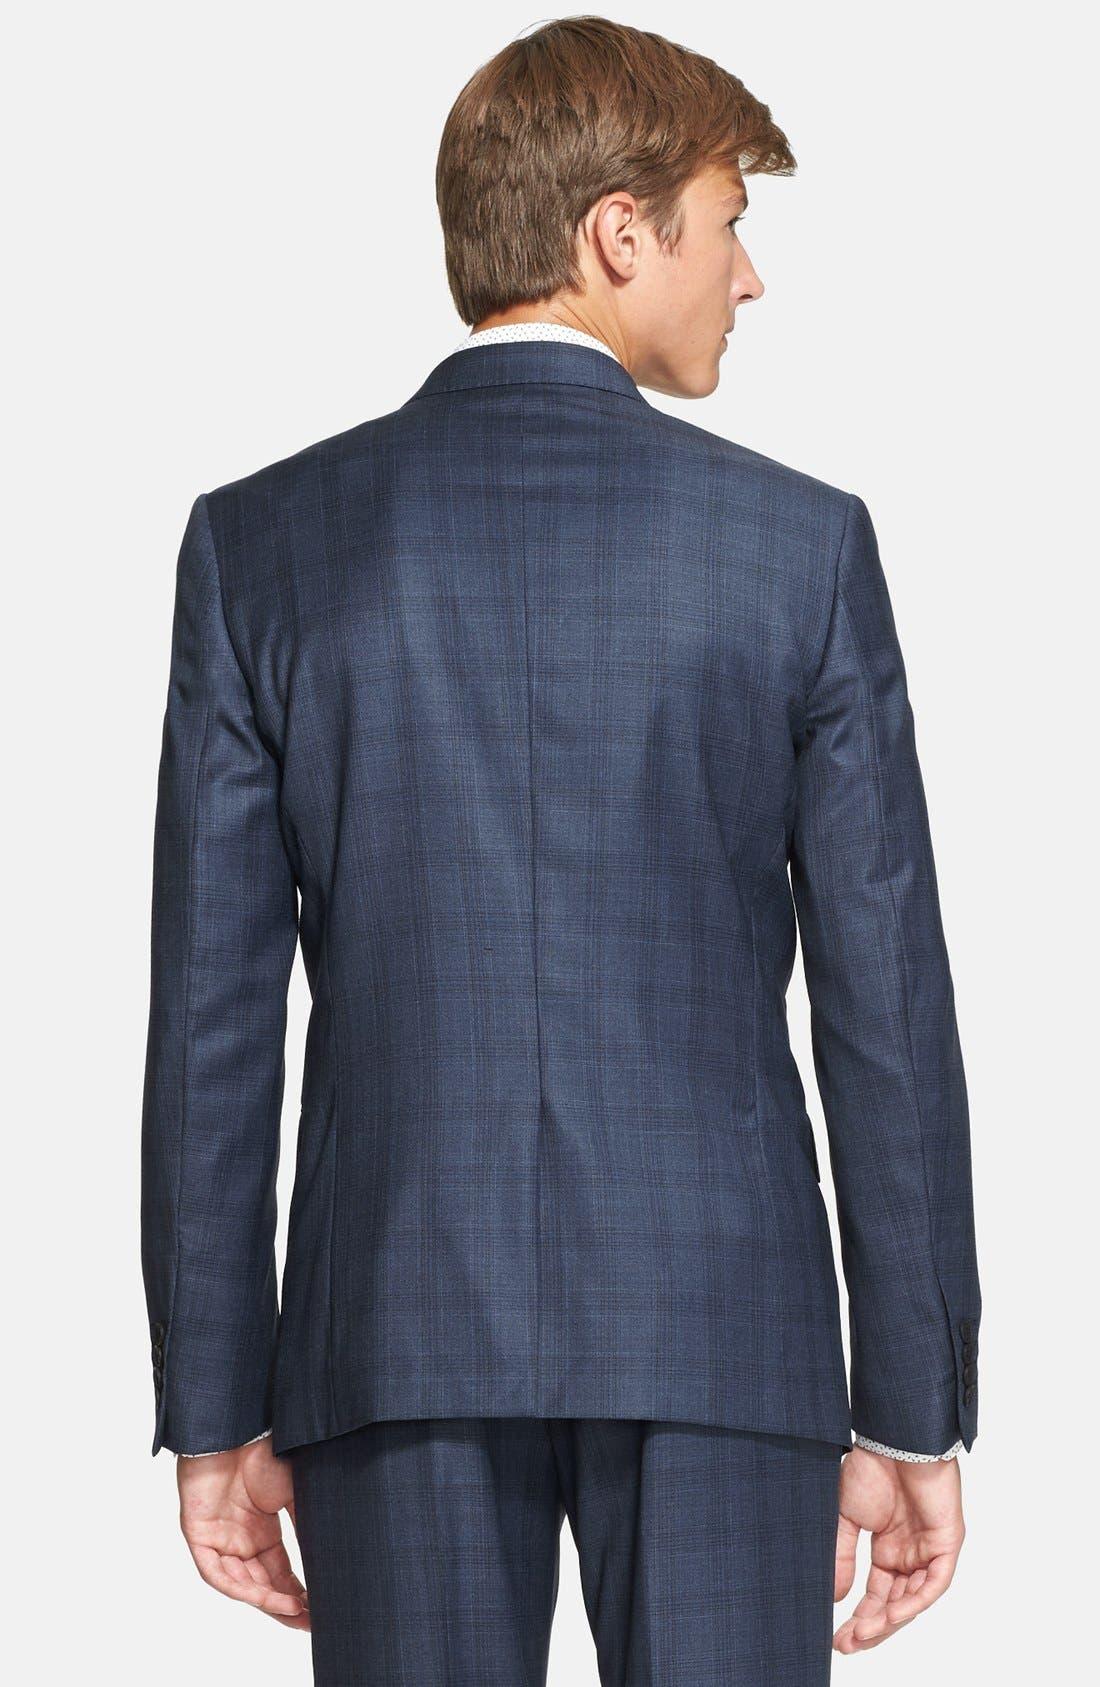 'Byard' Trim Fit Plaid Suit,                             Alternate thumbnail 3, color,                             414